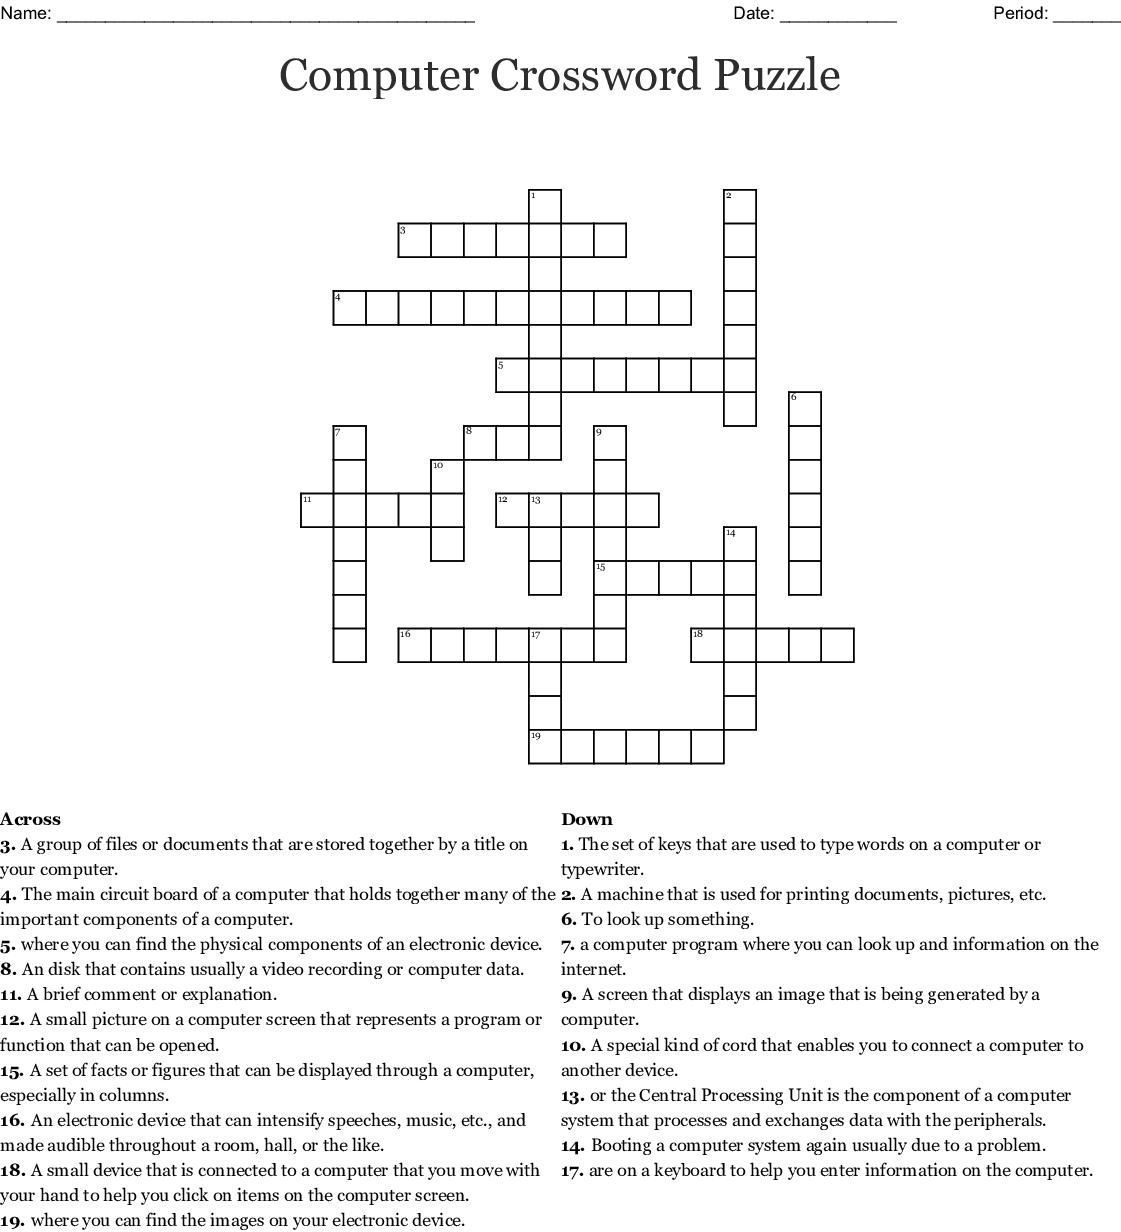 Computer Crossword Puzzle Crossword - Wordmint - Printable Computer Crossword Puzzles With Answers